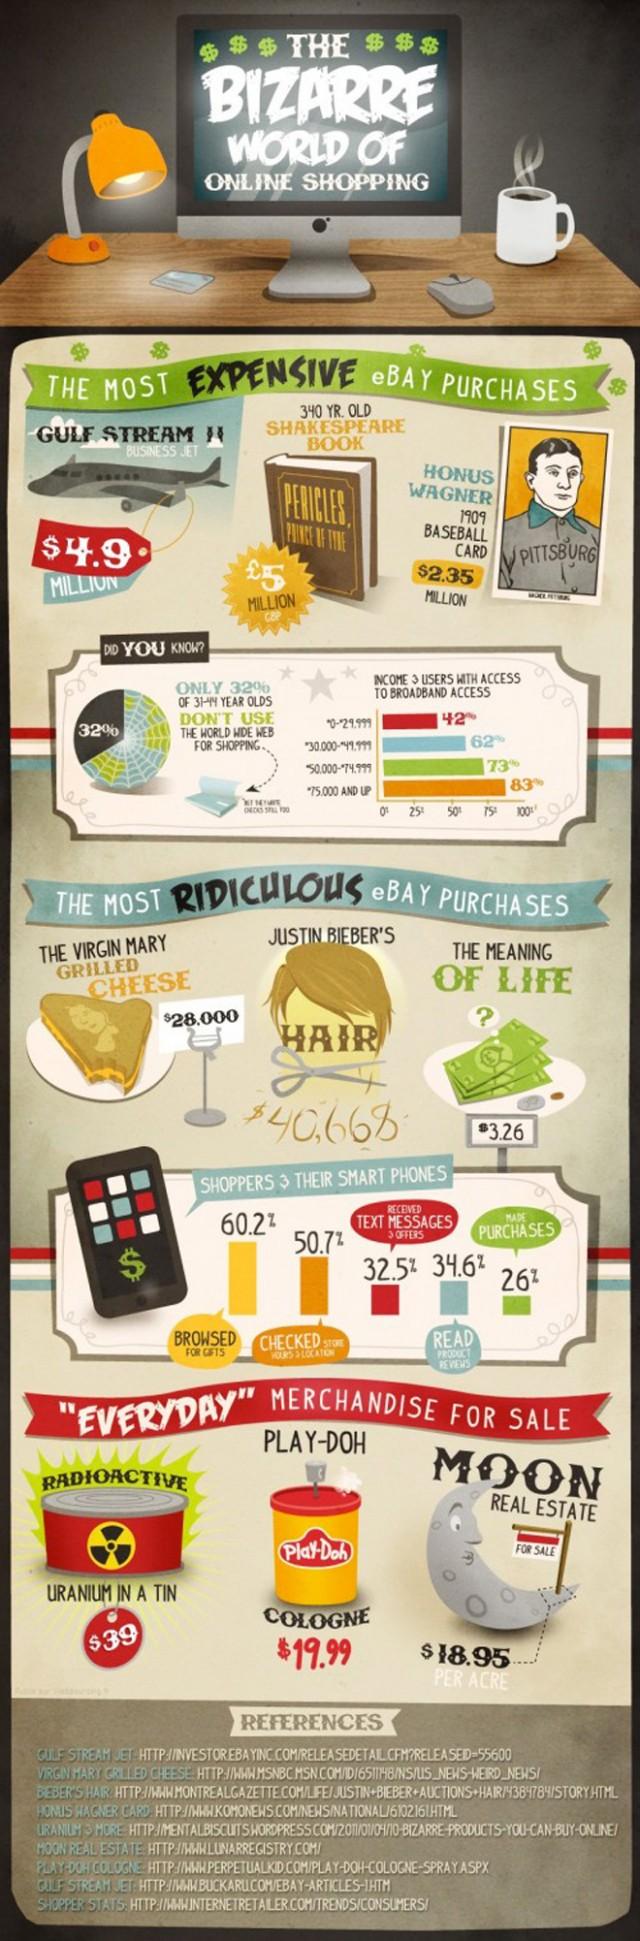 Infographie : les objets les plus bizarres achetés sur eBay